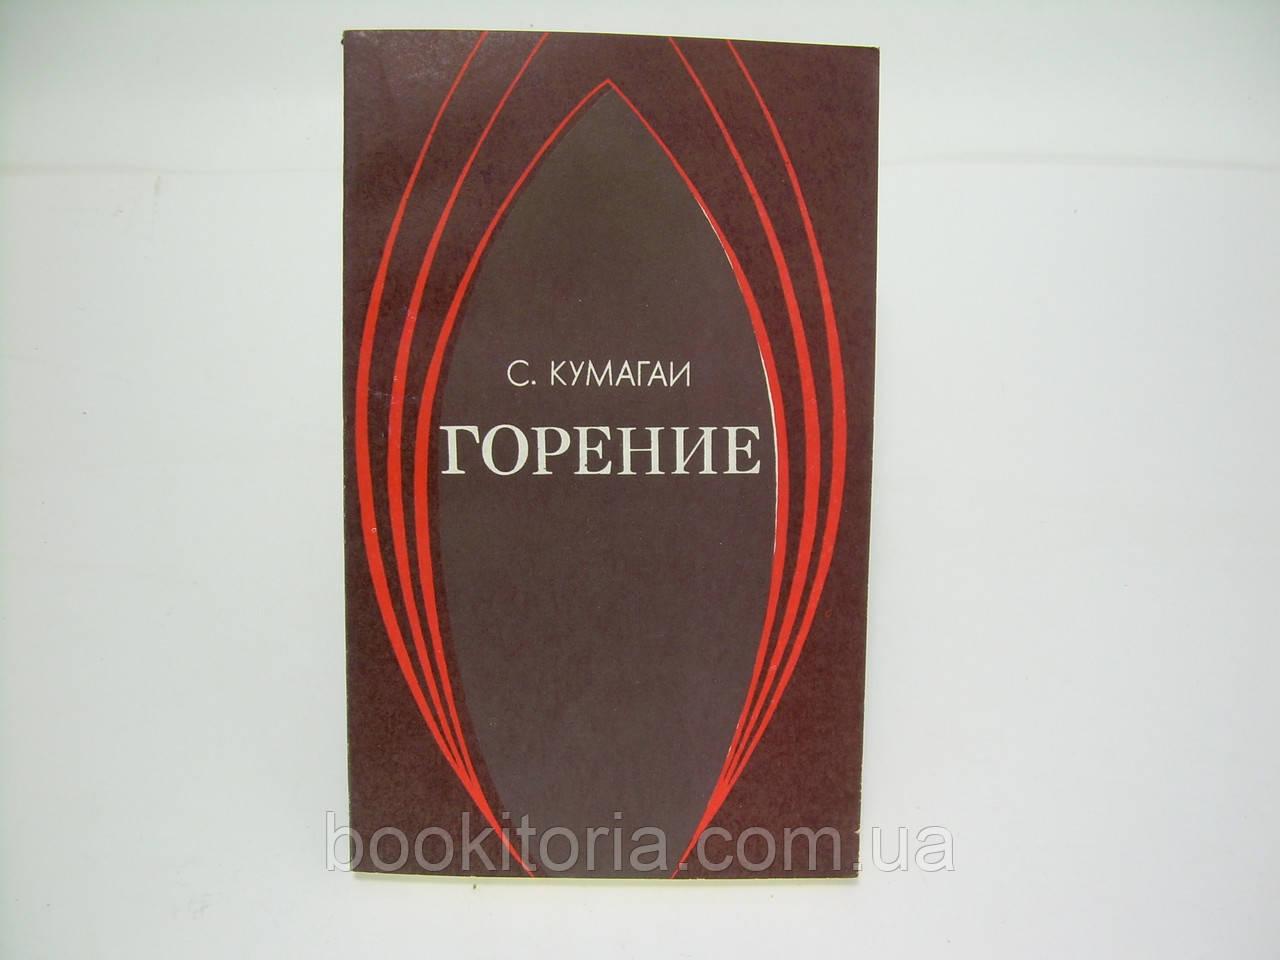 Кумагаи С. Горение (б/у).